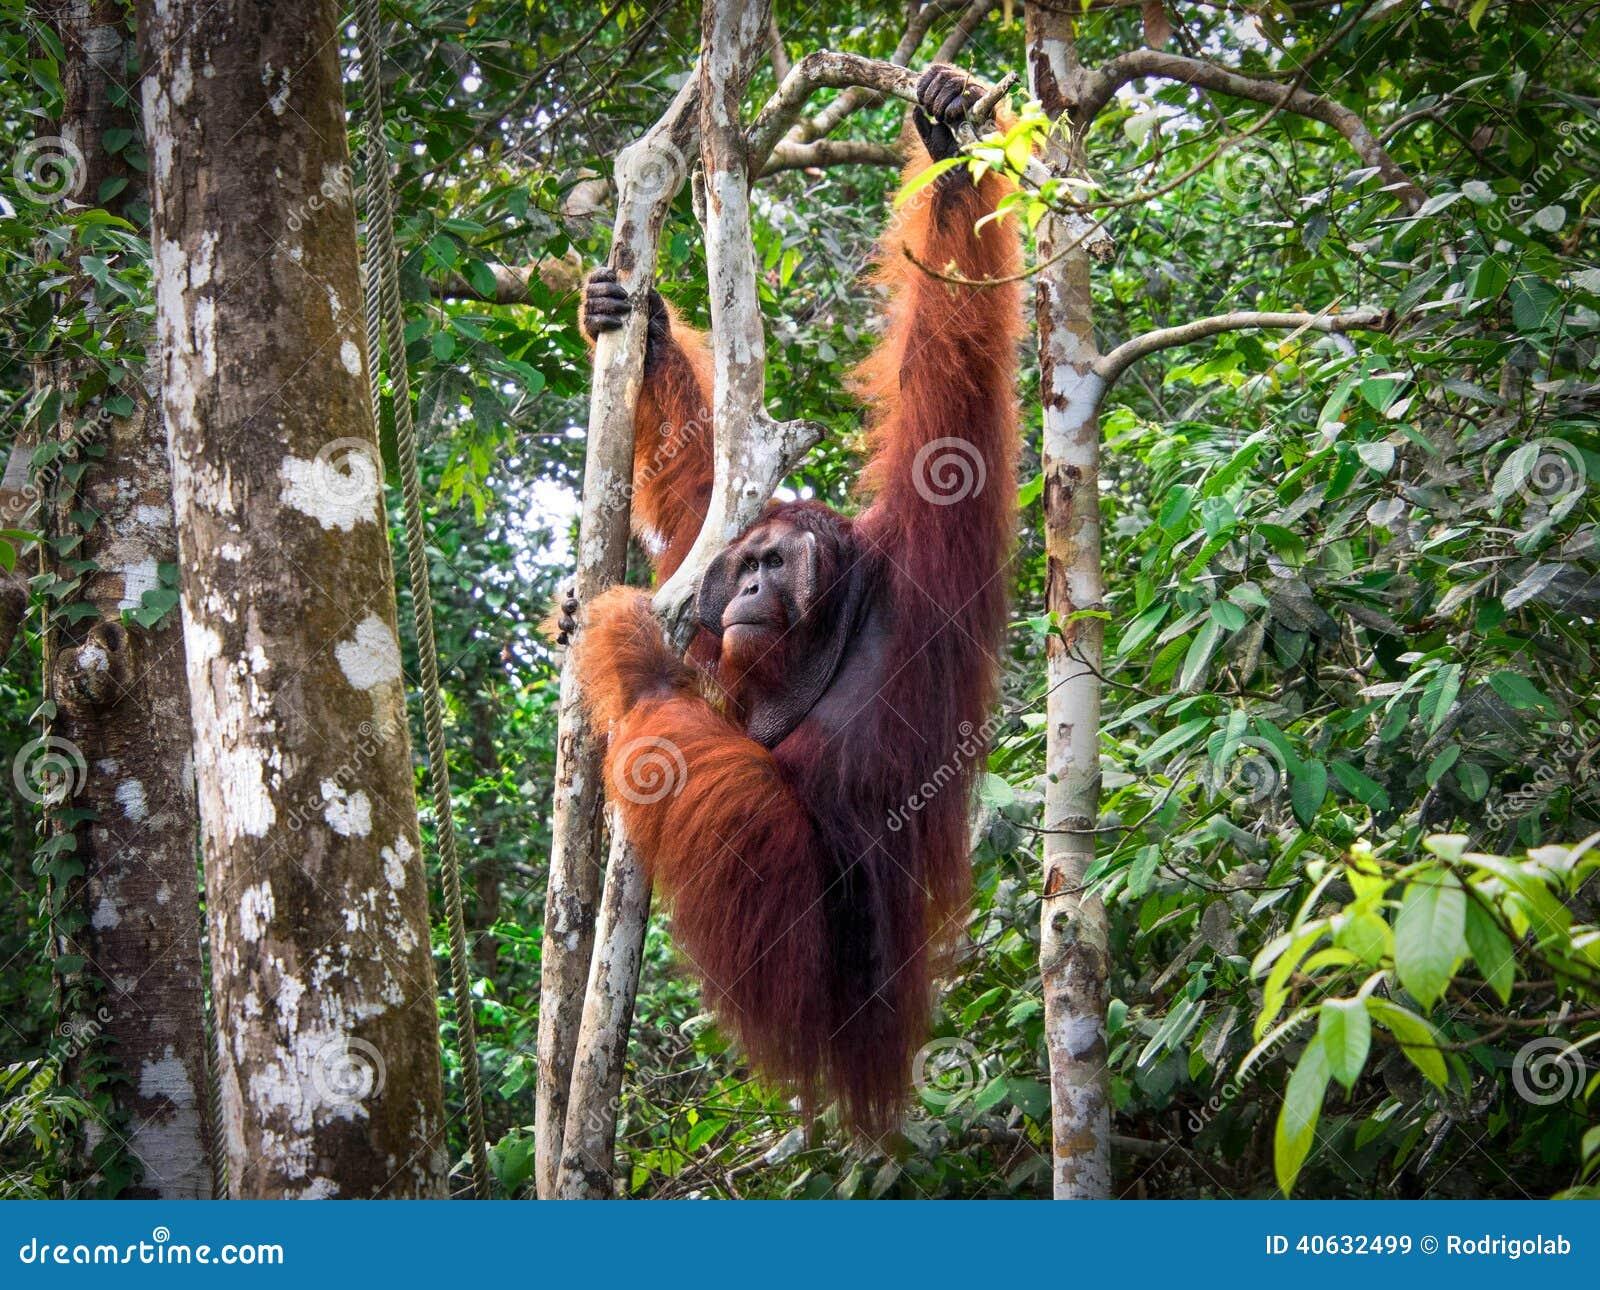 男性指道者在Semenggoh自然保护的婆罗洲猩猩,马来西亚